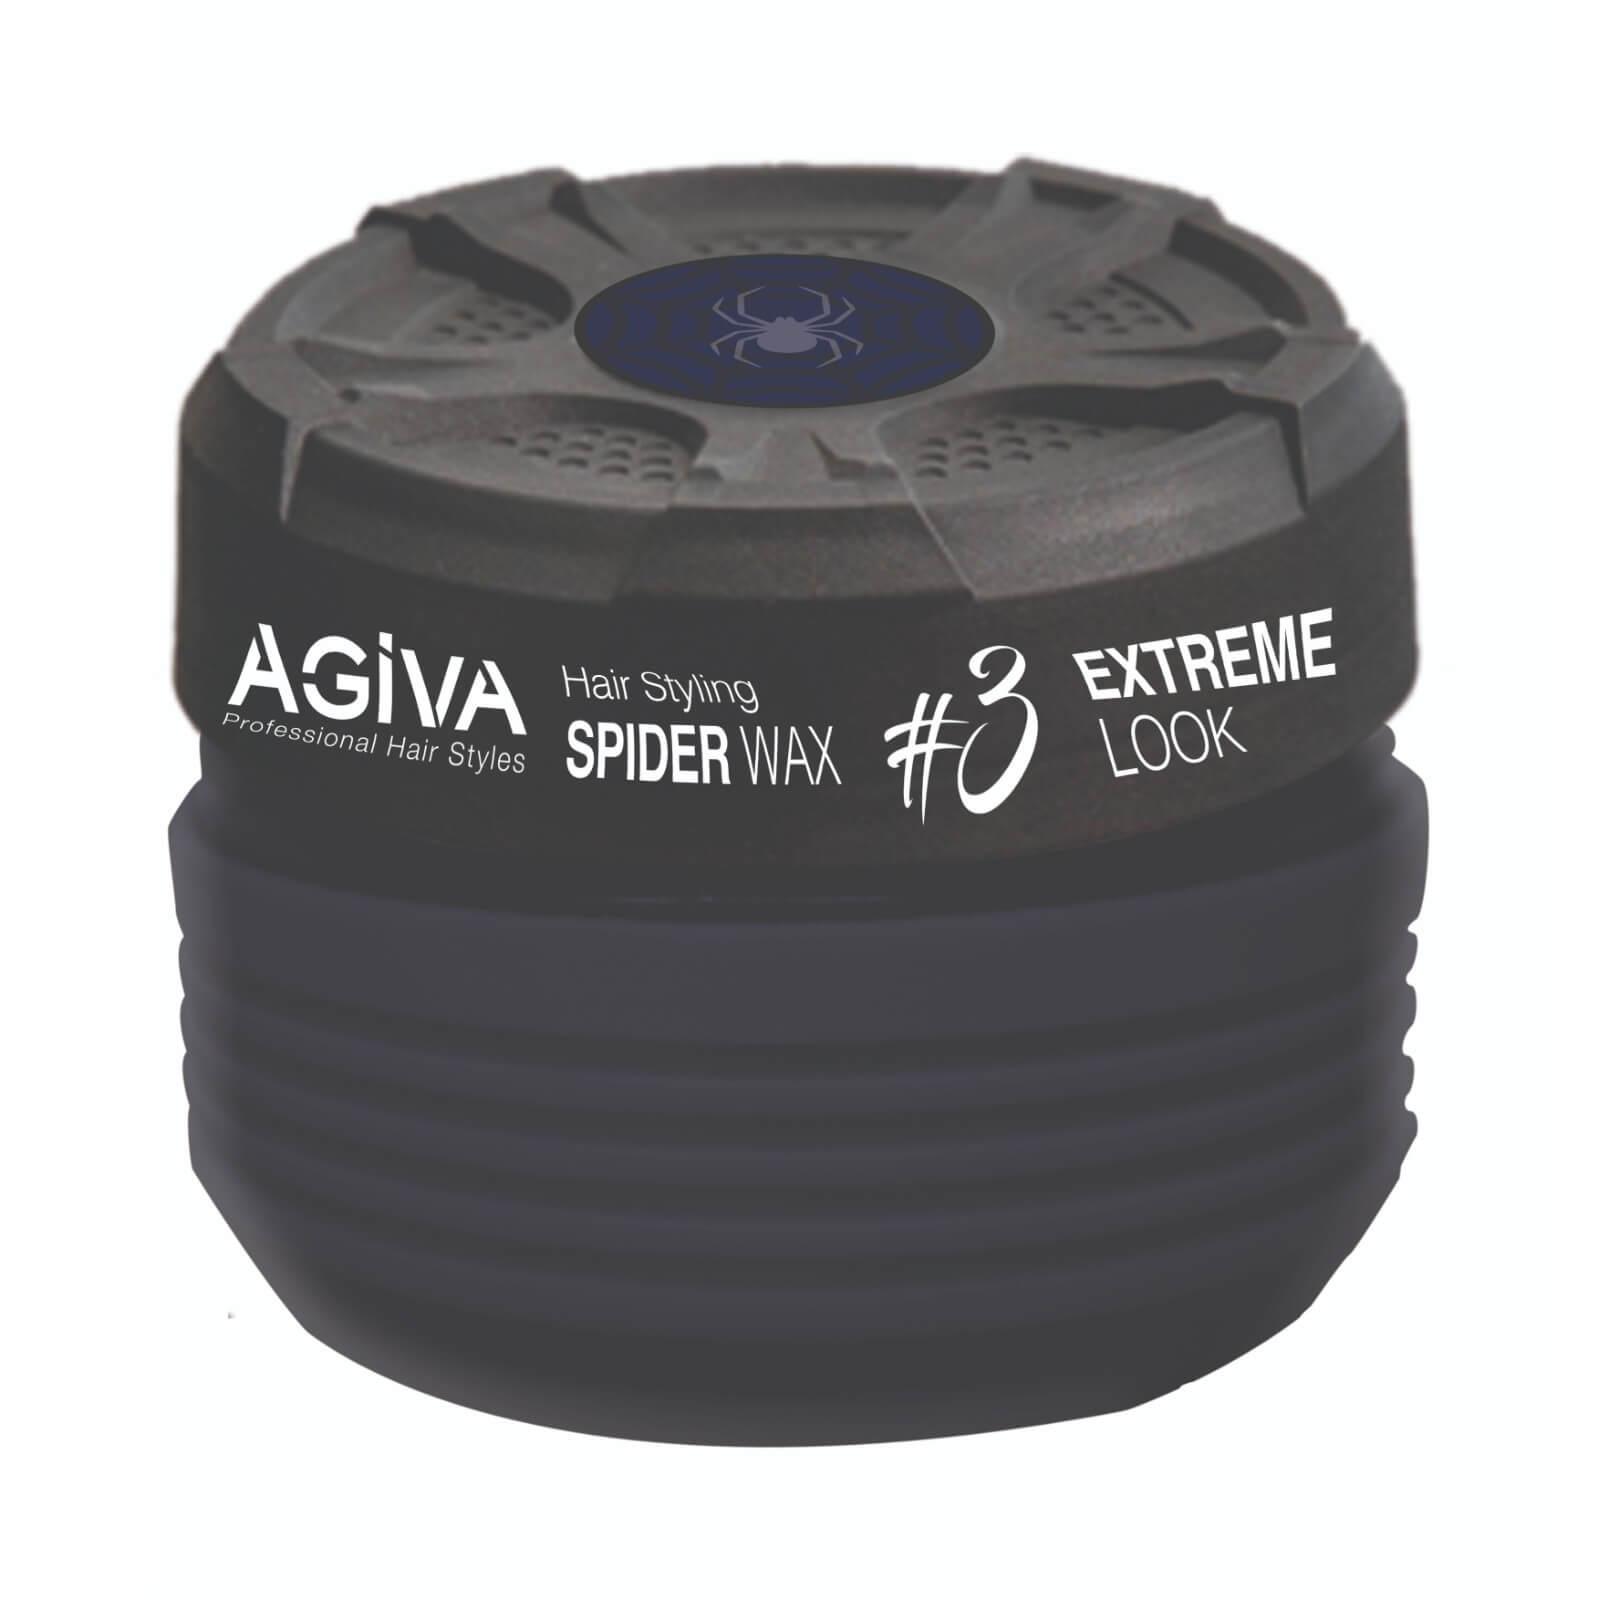 Ceara de par Agiva Spider Wax 03 Extreme Look 175 ml